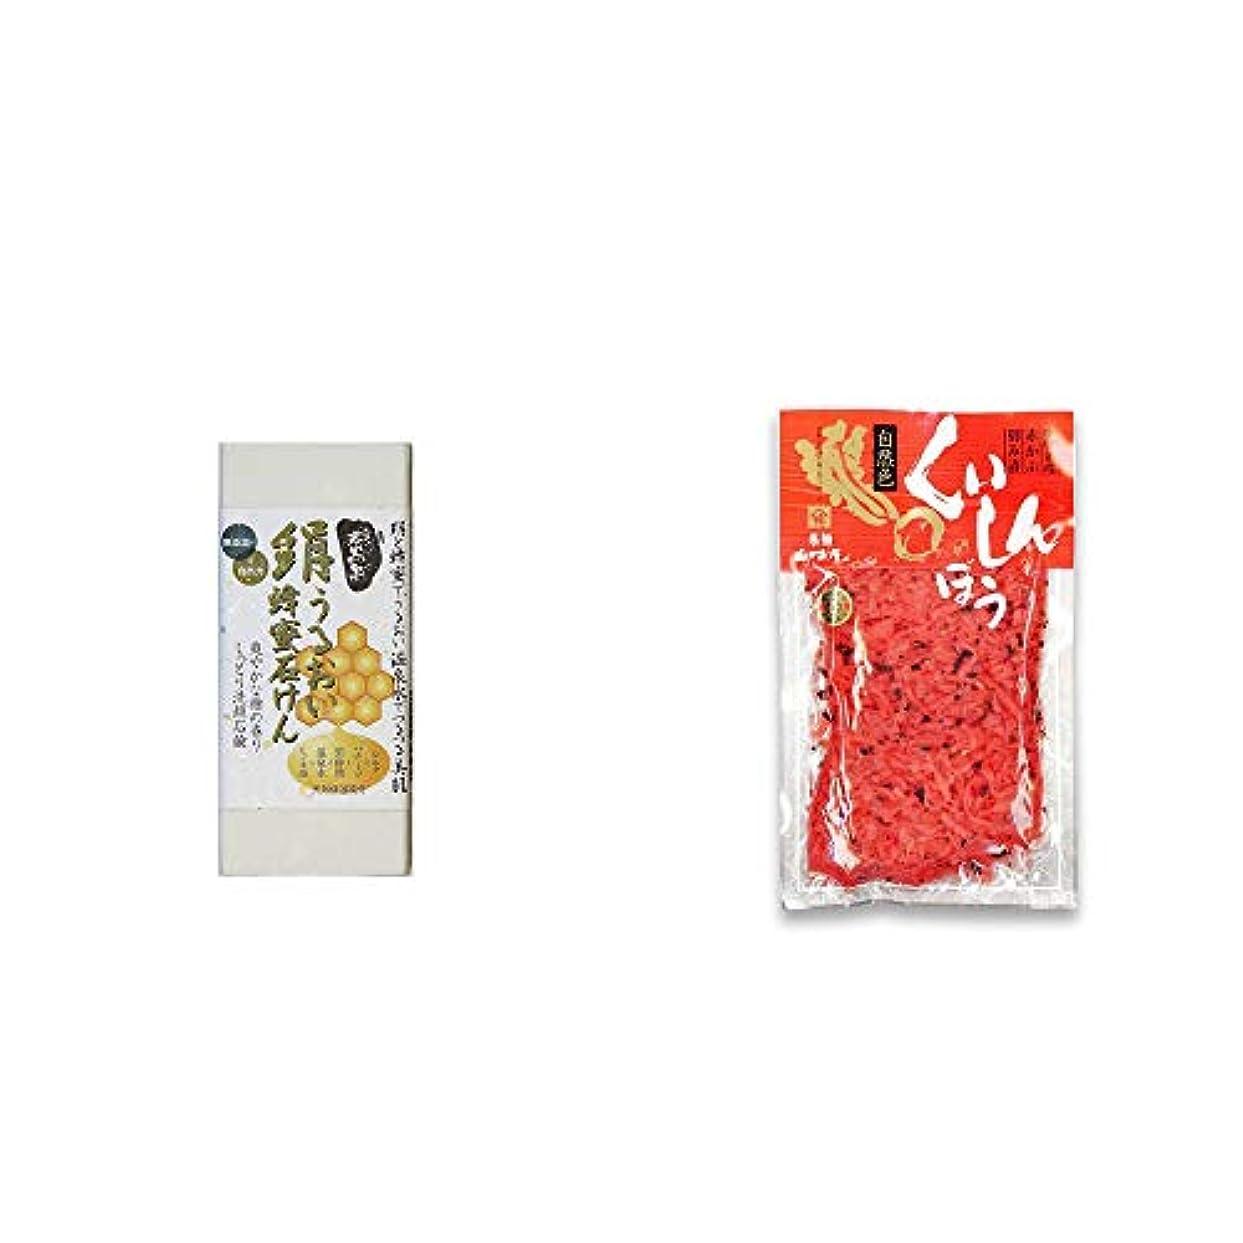 クリップ蝶世界に死んだ遺伝的[2点セット] ひのき炭黒泉 絹うるおい蜂蜜石けん(75g×2)?飛騨山味屋 くいしんぼう【大】(260g) [赤かぶ刻み漬け]